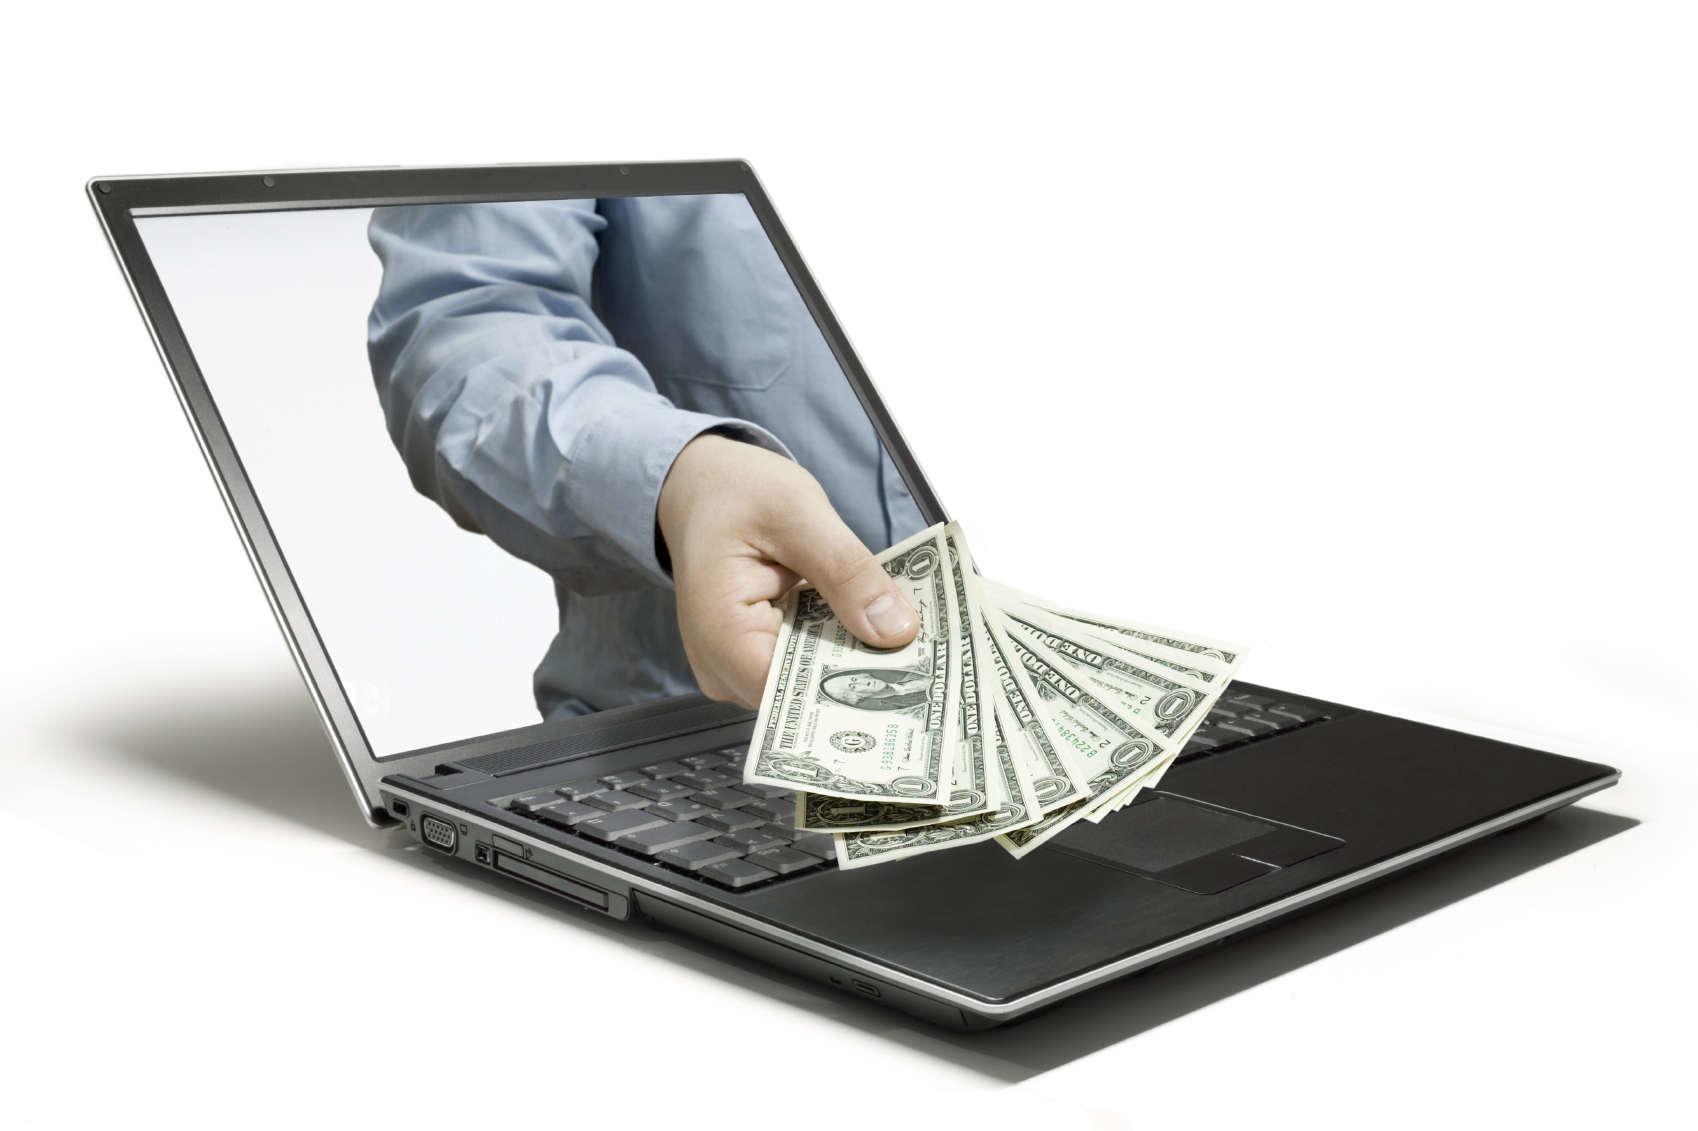 Как открыть свой сайт и зарабатывать деньги?